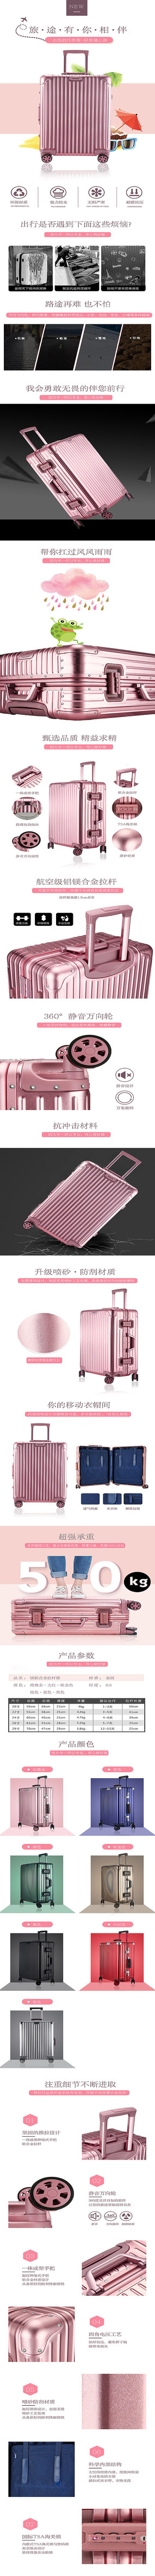 拉杆箱旅行箱行李箱详情描述模板